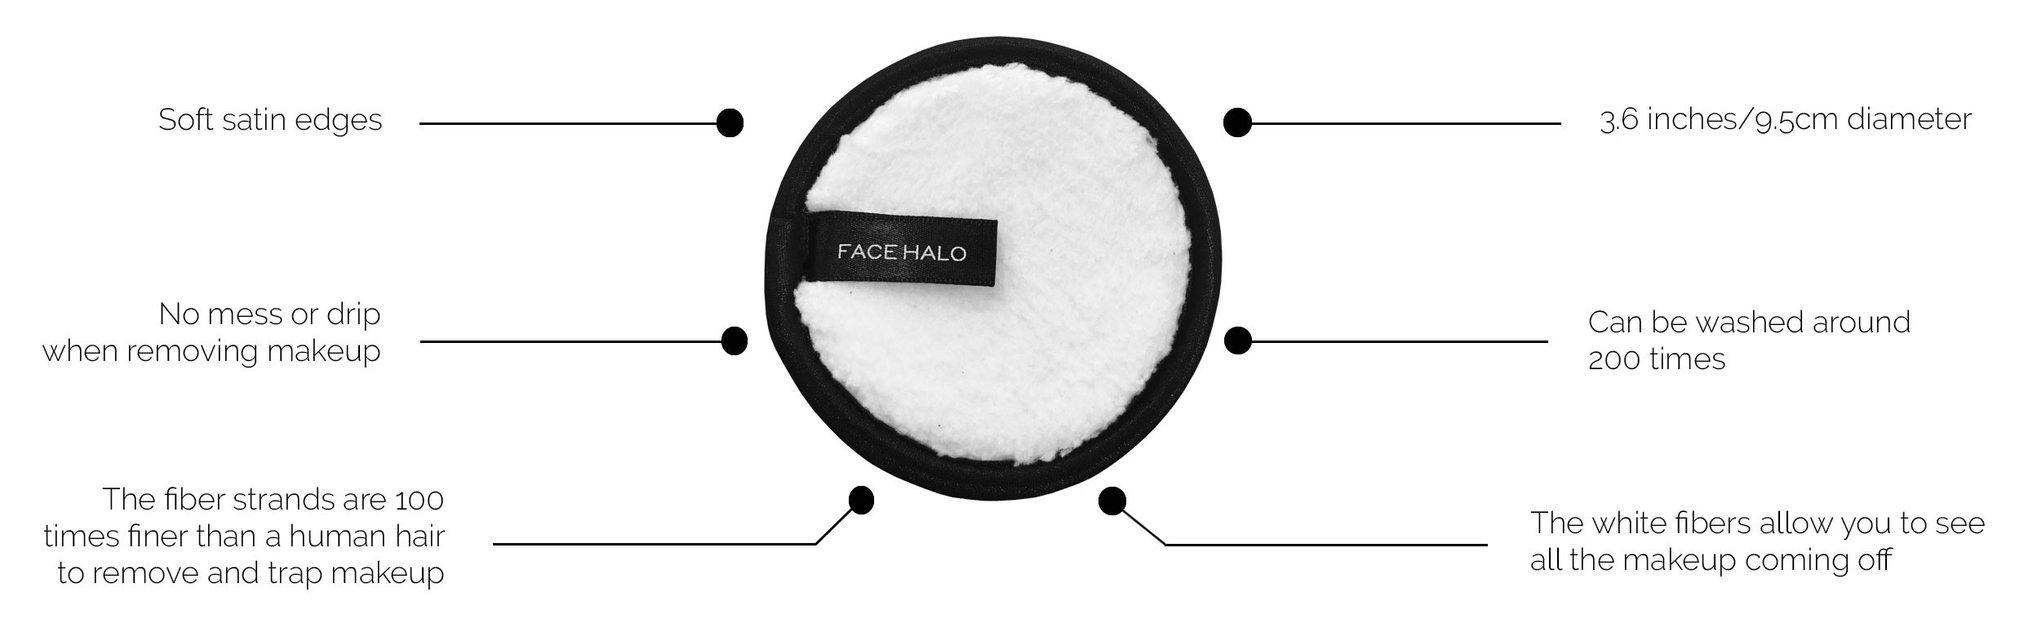 Face Halo Breakdown